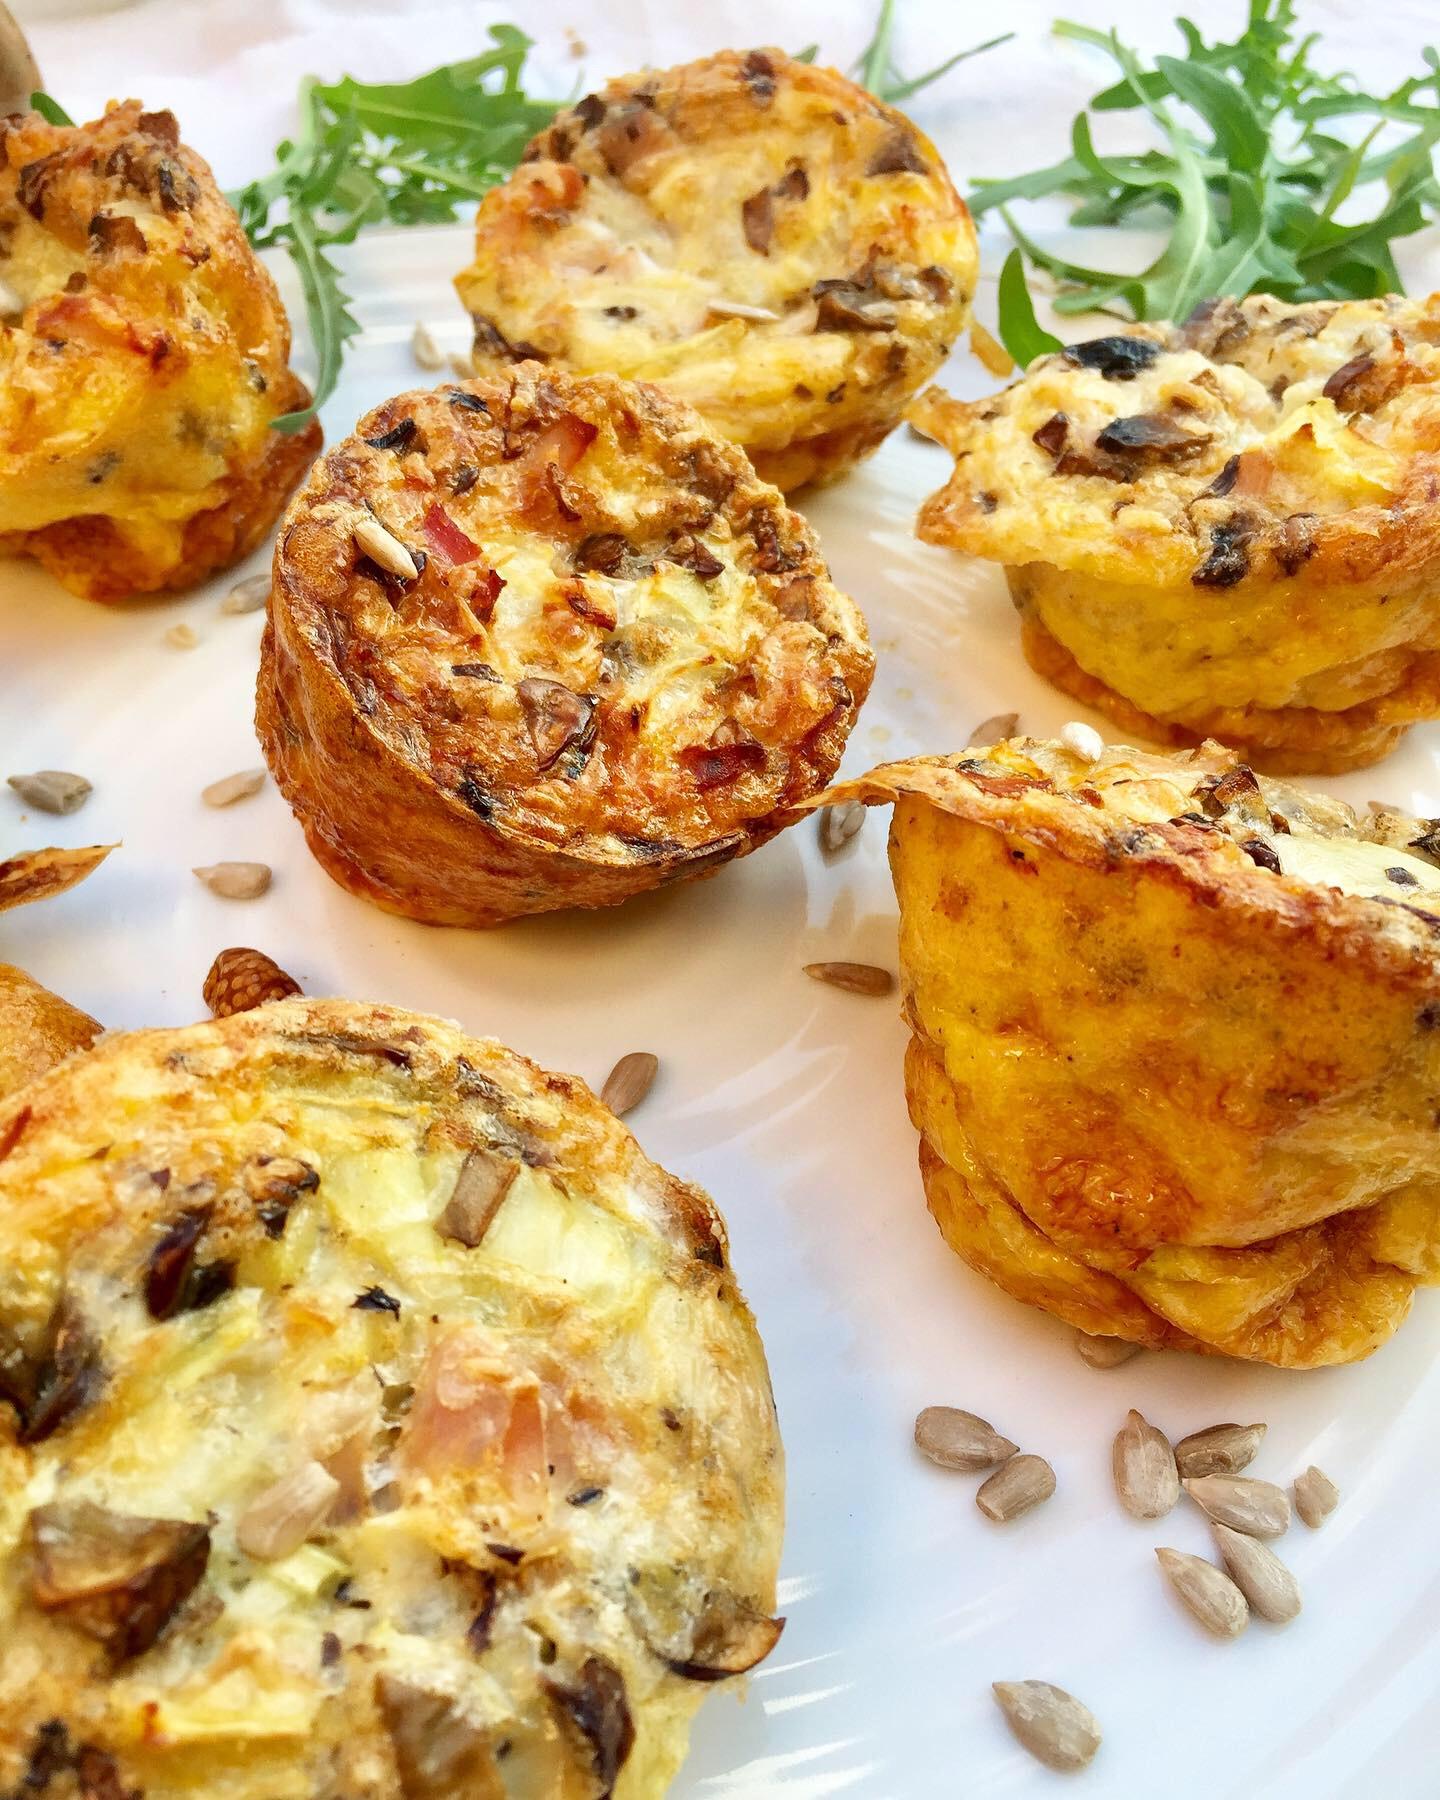 Extra gyors forradalmi tojásmuffin zöldségekkel,sajttal és sonkával